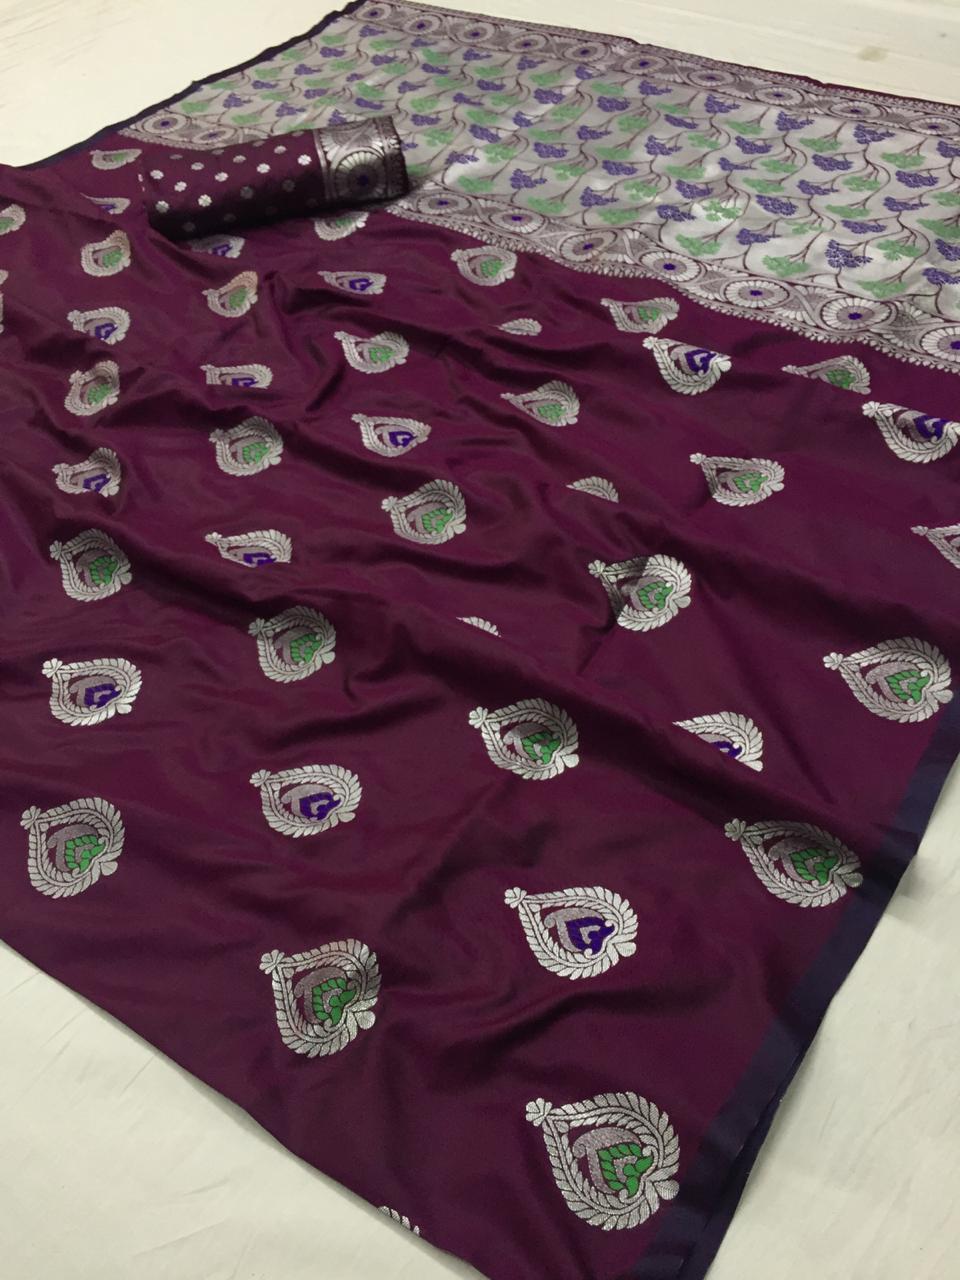 Burgundy banarasi soft silk sarees|banarasi sarees online